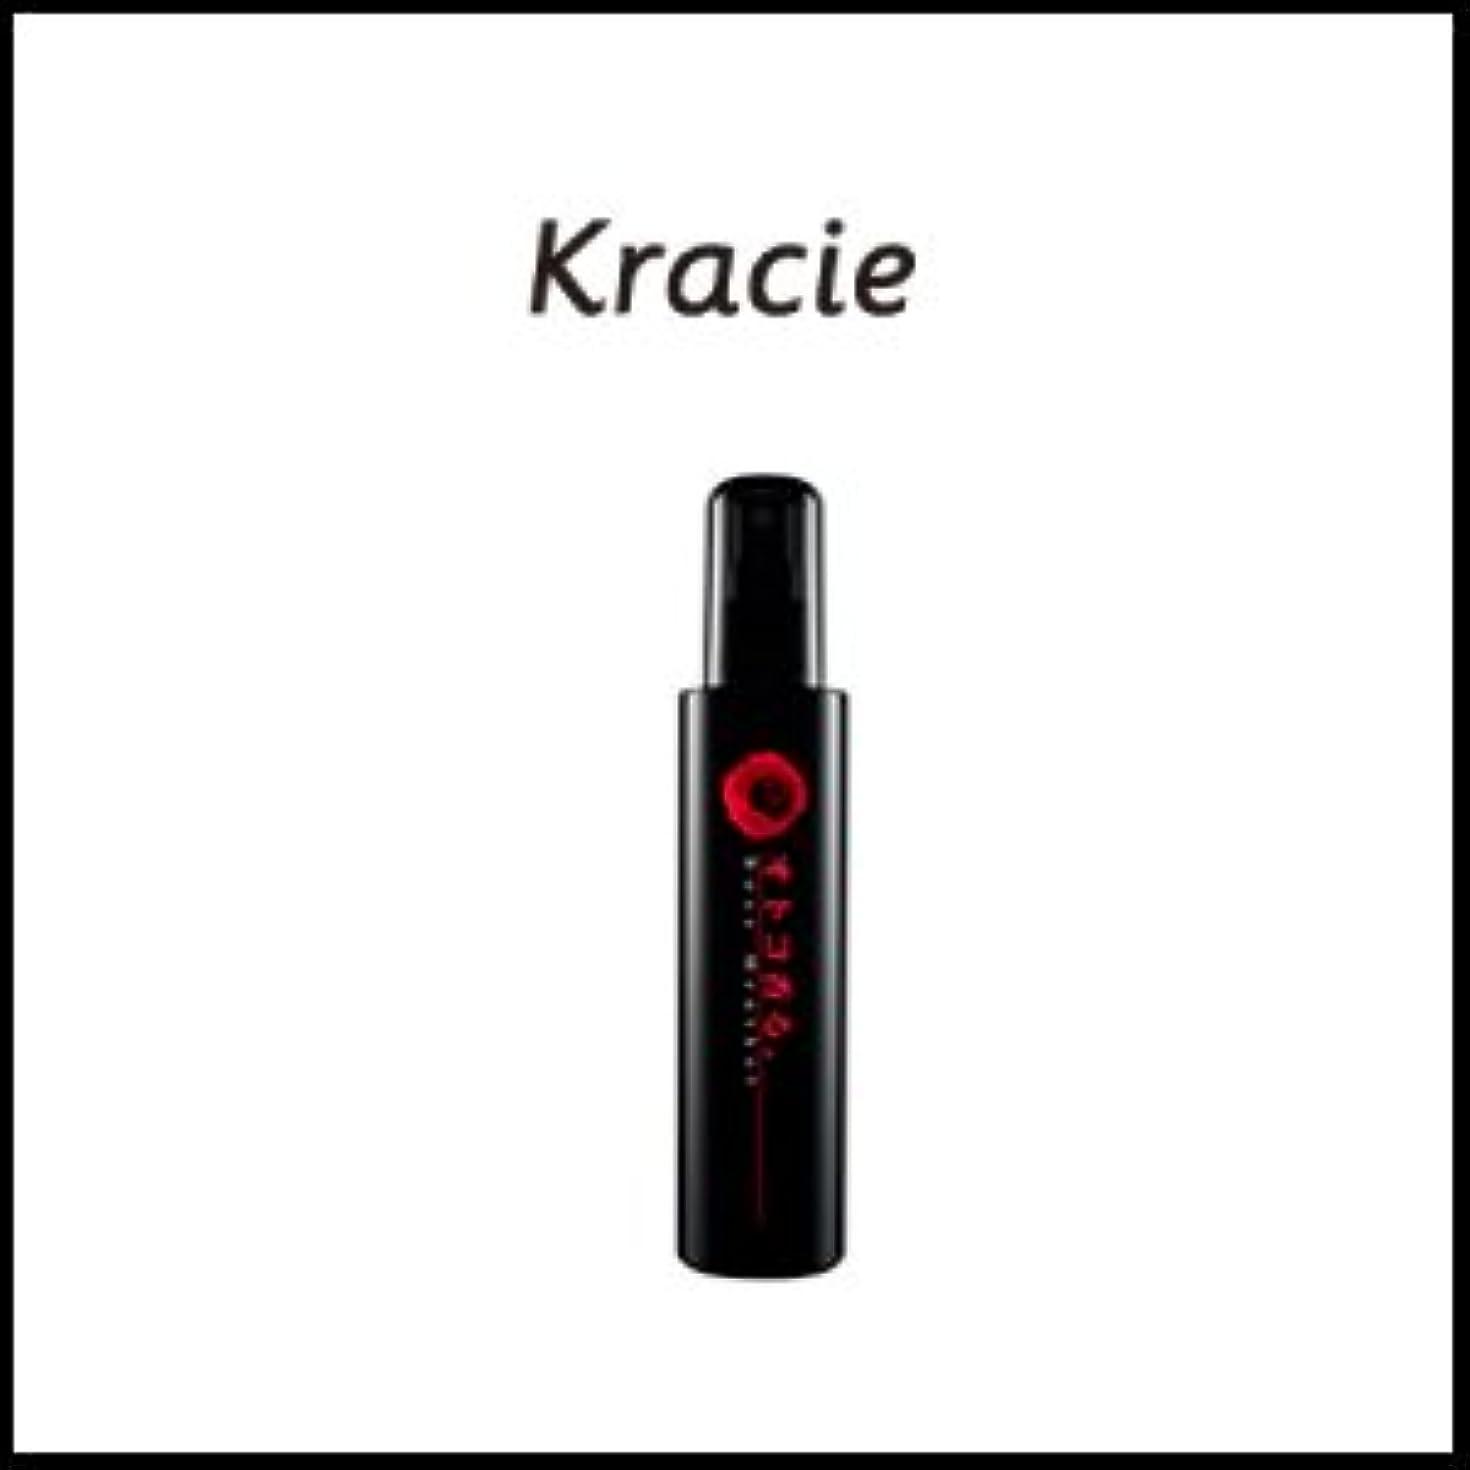 喉頭変化報奨金【X2個セット】 クラシエ オトコ香る トニック(レッドローズ) 150ml 容器入り